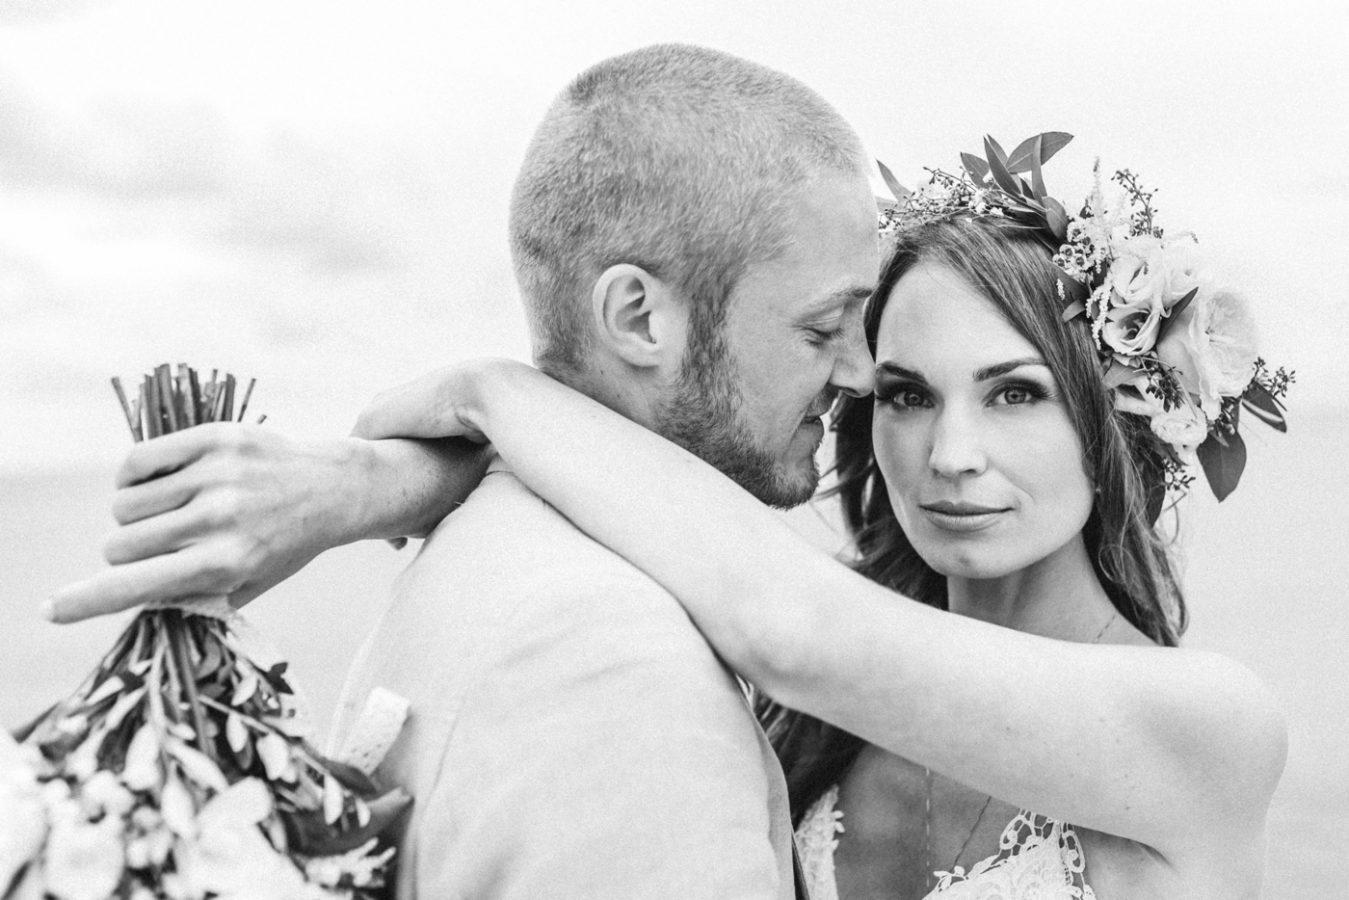 Fotos HochzeitsreportagenFotoshochzeit hochzeitsfotograf international cologne ibiza mallorca 0855